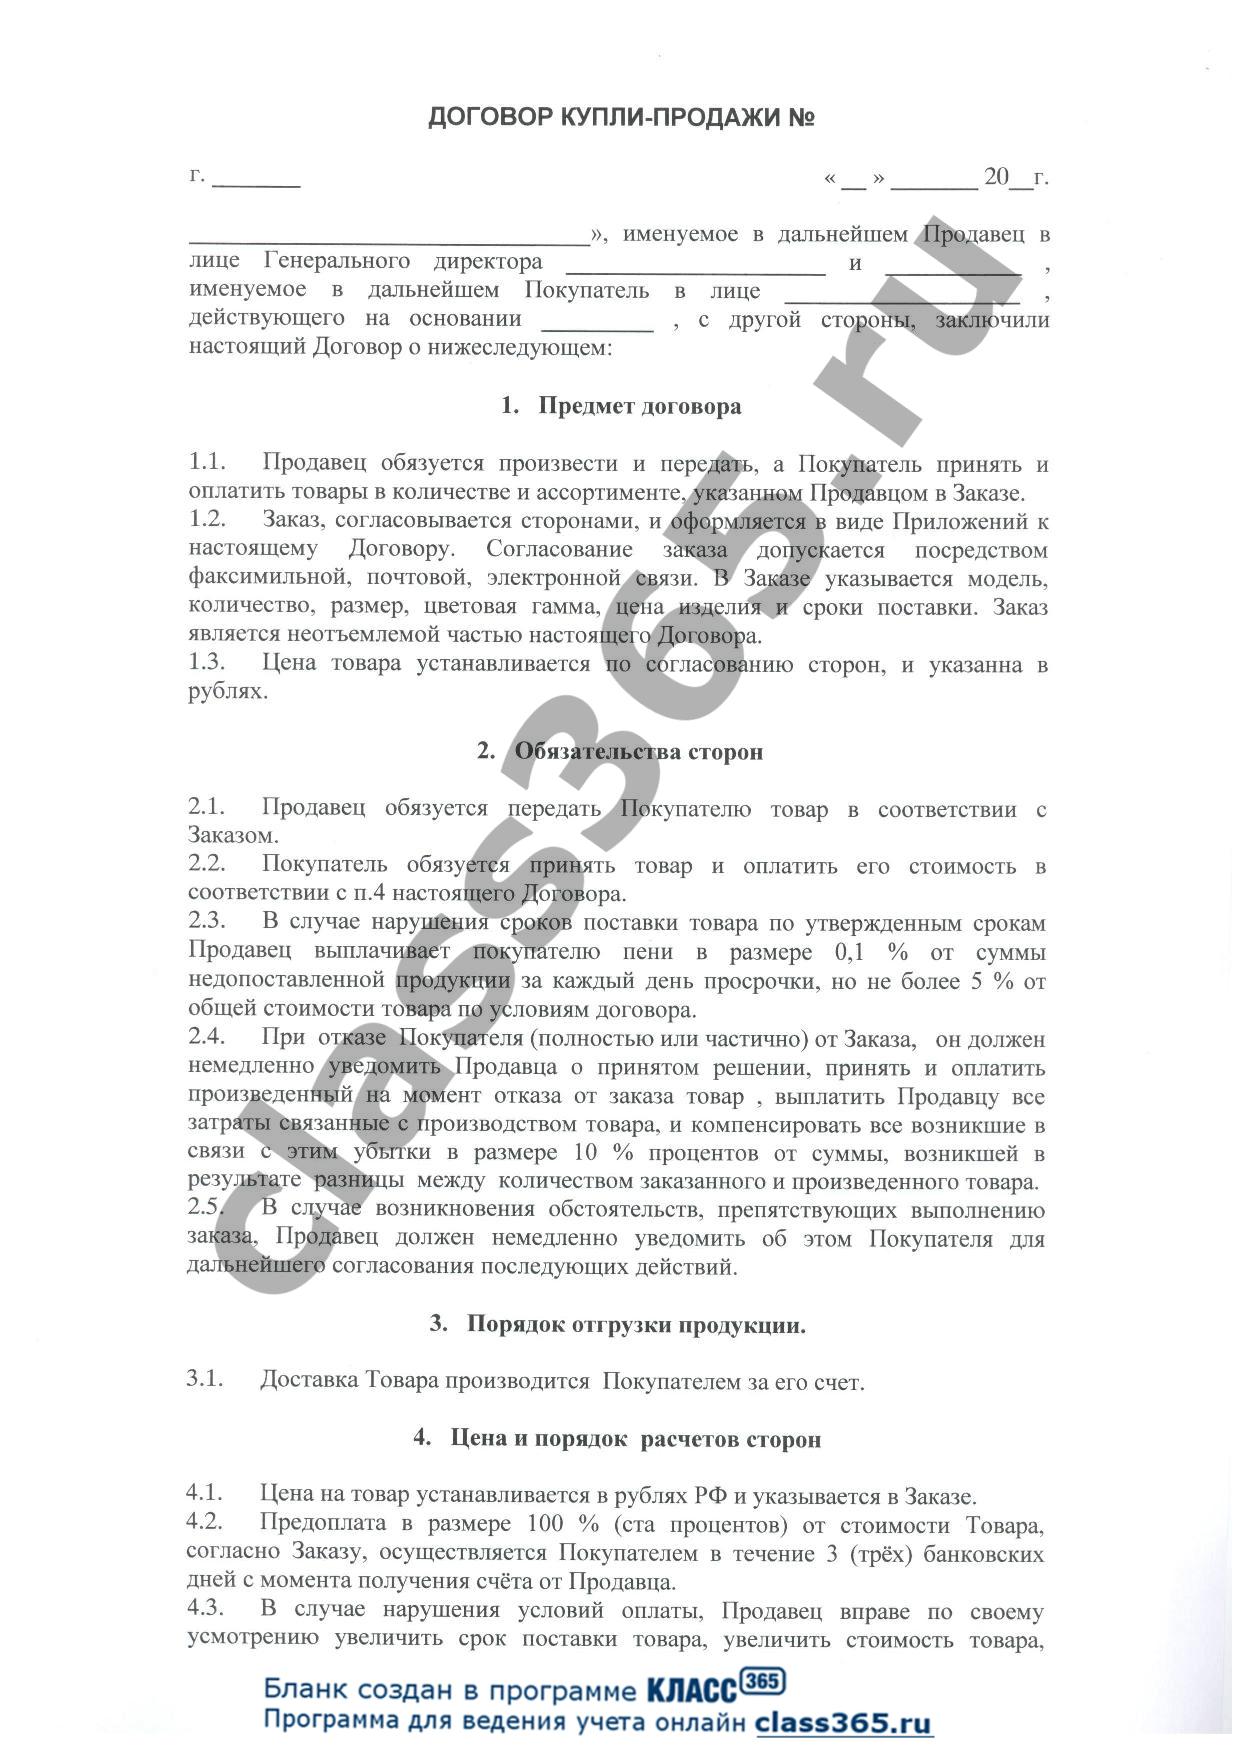 Исковое заявление о понуждении заключить договор купли родажи земельного участка